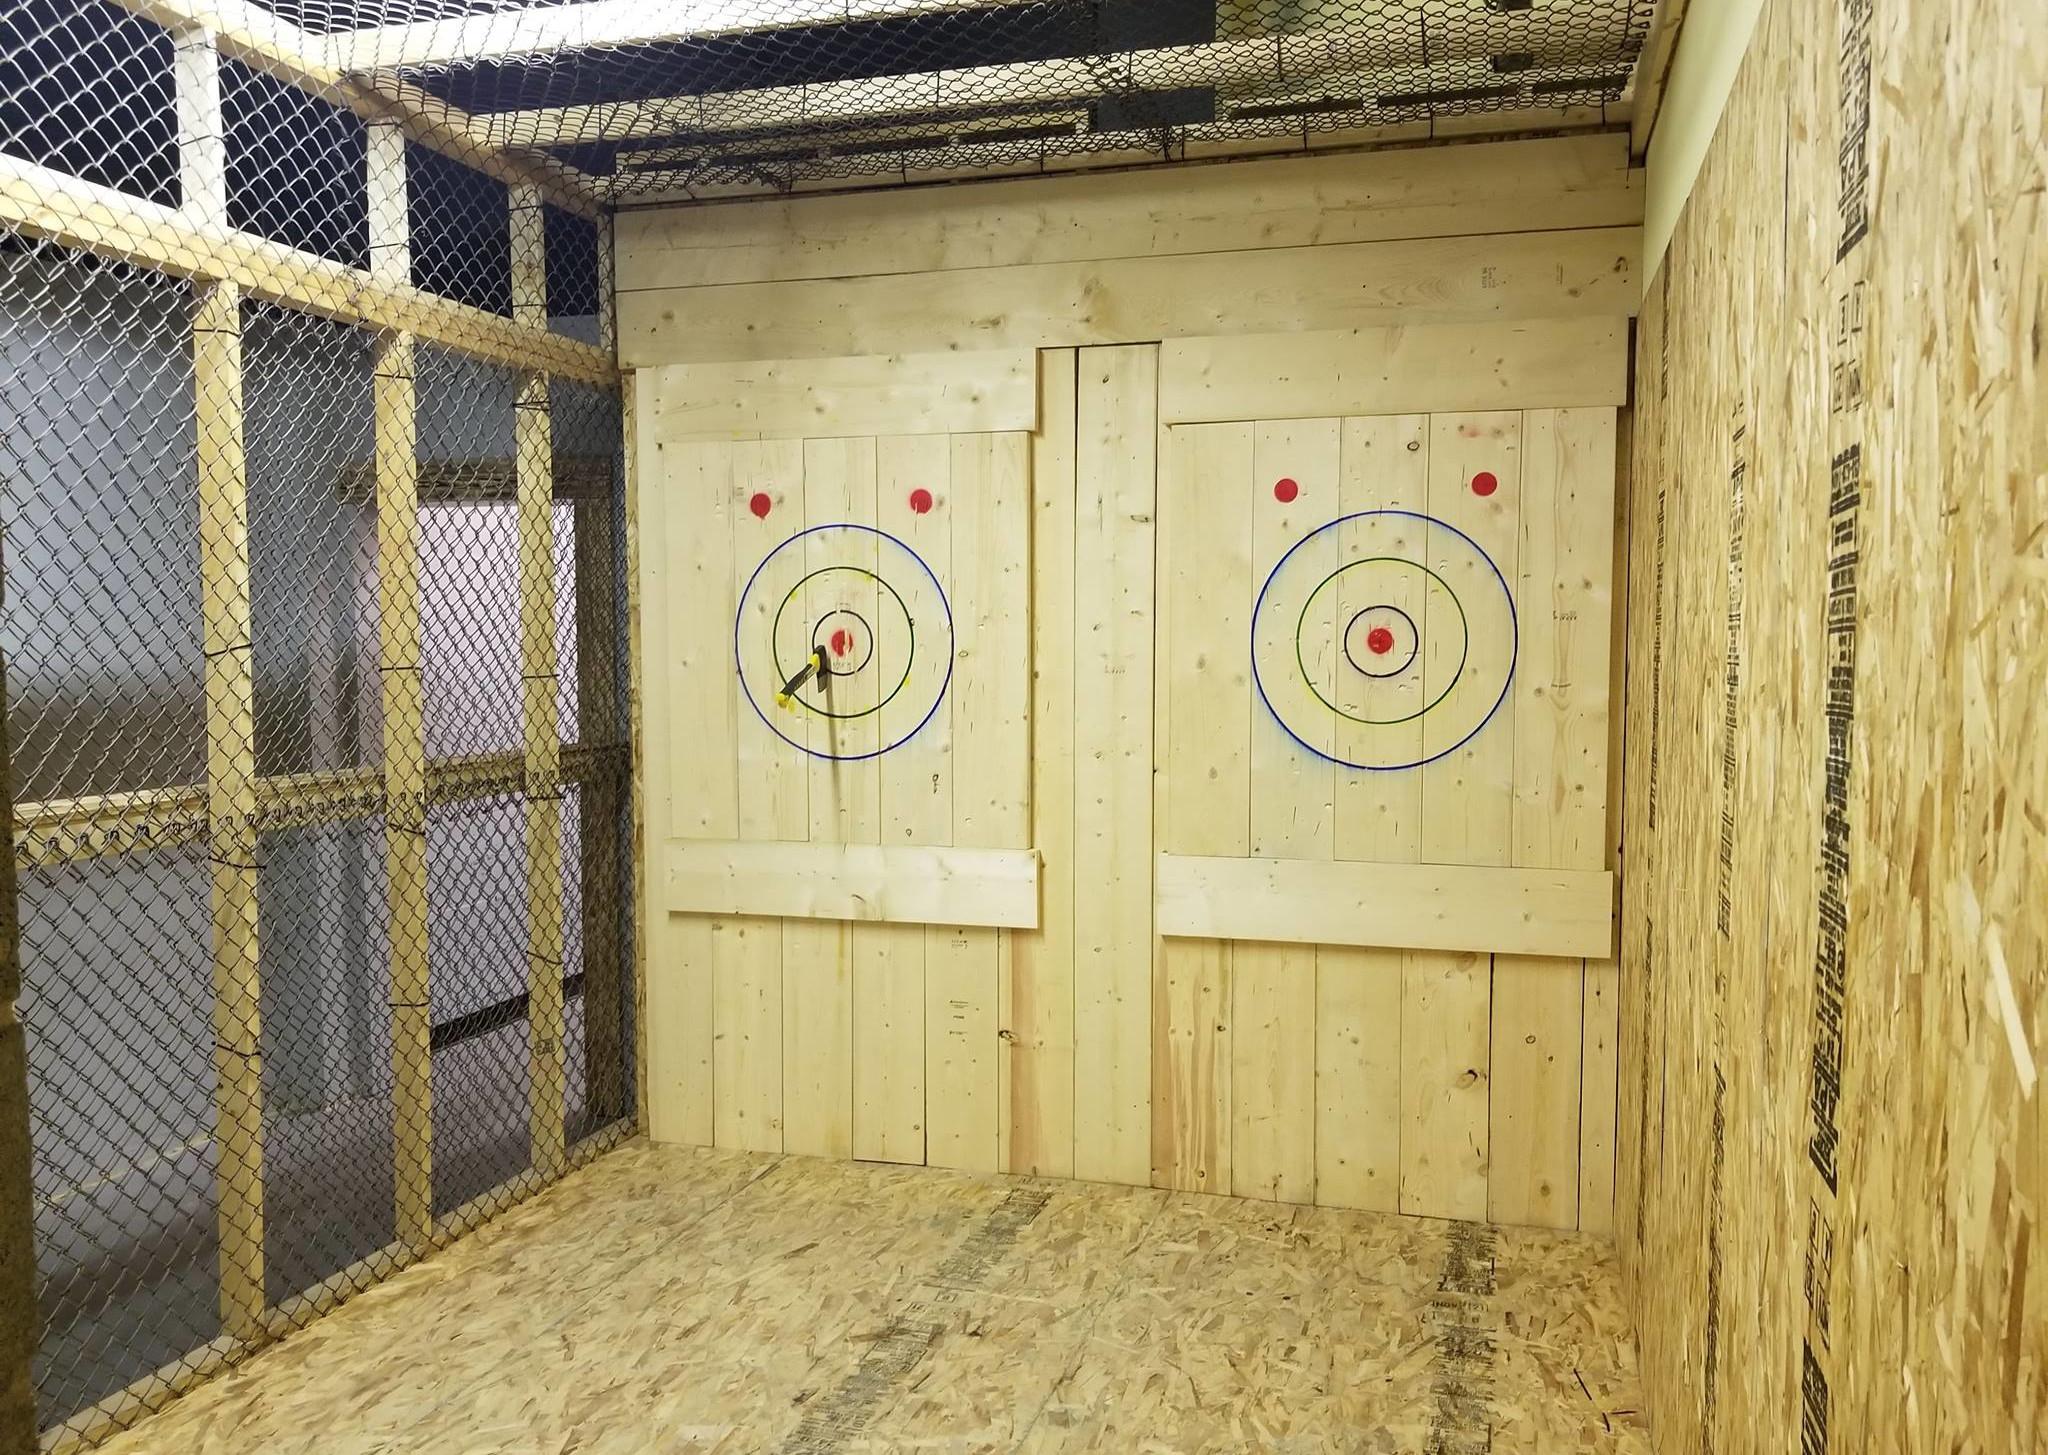 1 Axe Both Targets Resized.jpg